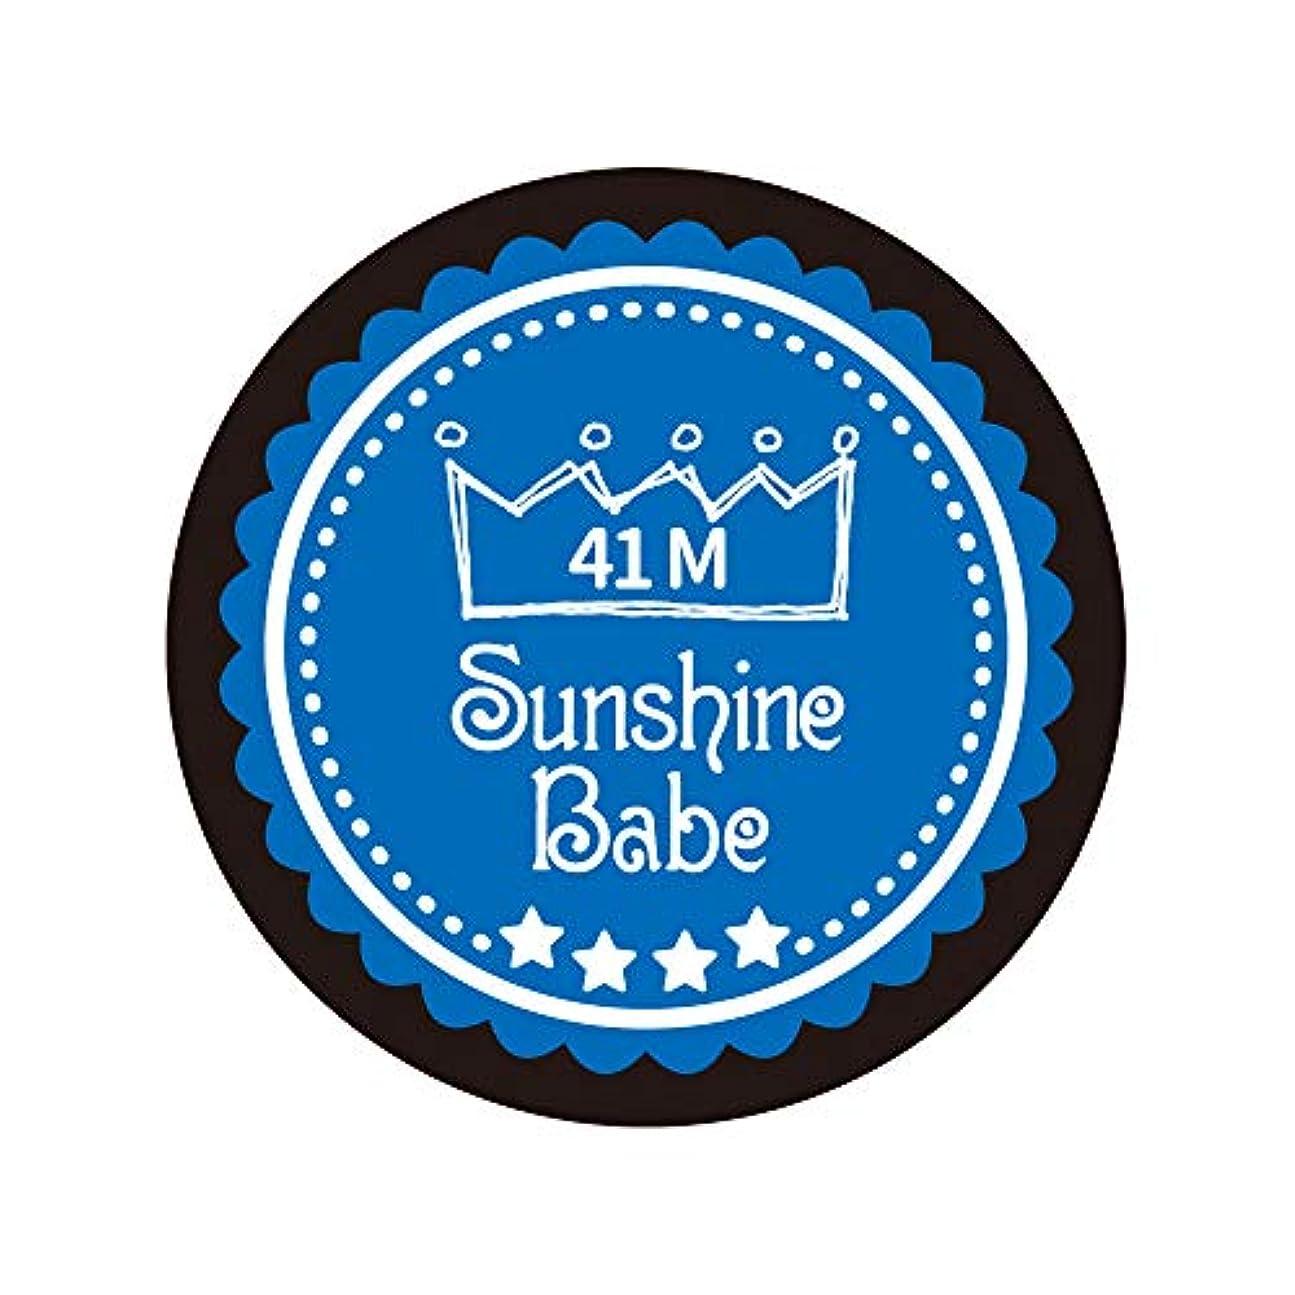 恥ずかしいに話す以下Sunshine Babe カラージェル 41M ネブラスブルー 4g UV/LED対応